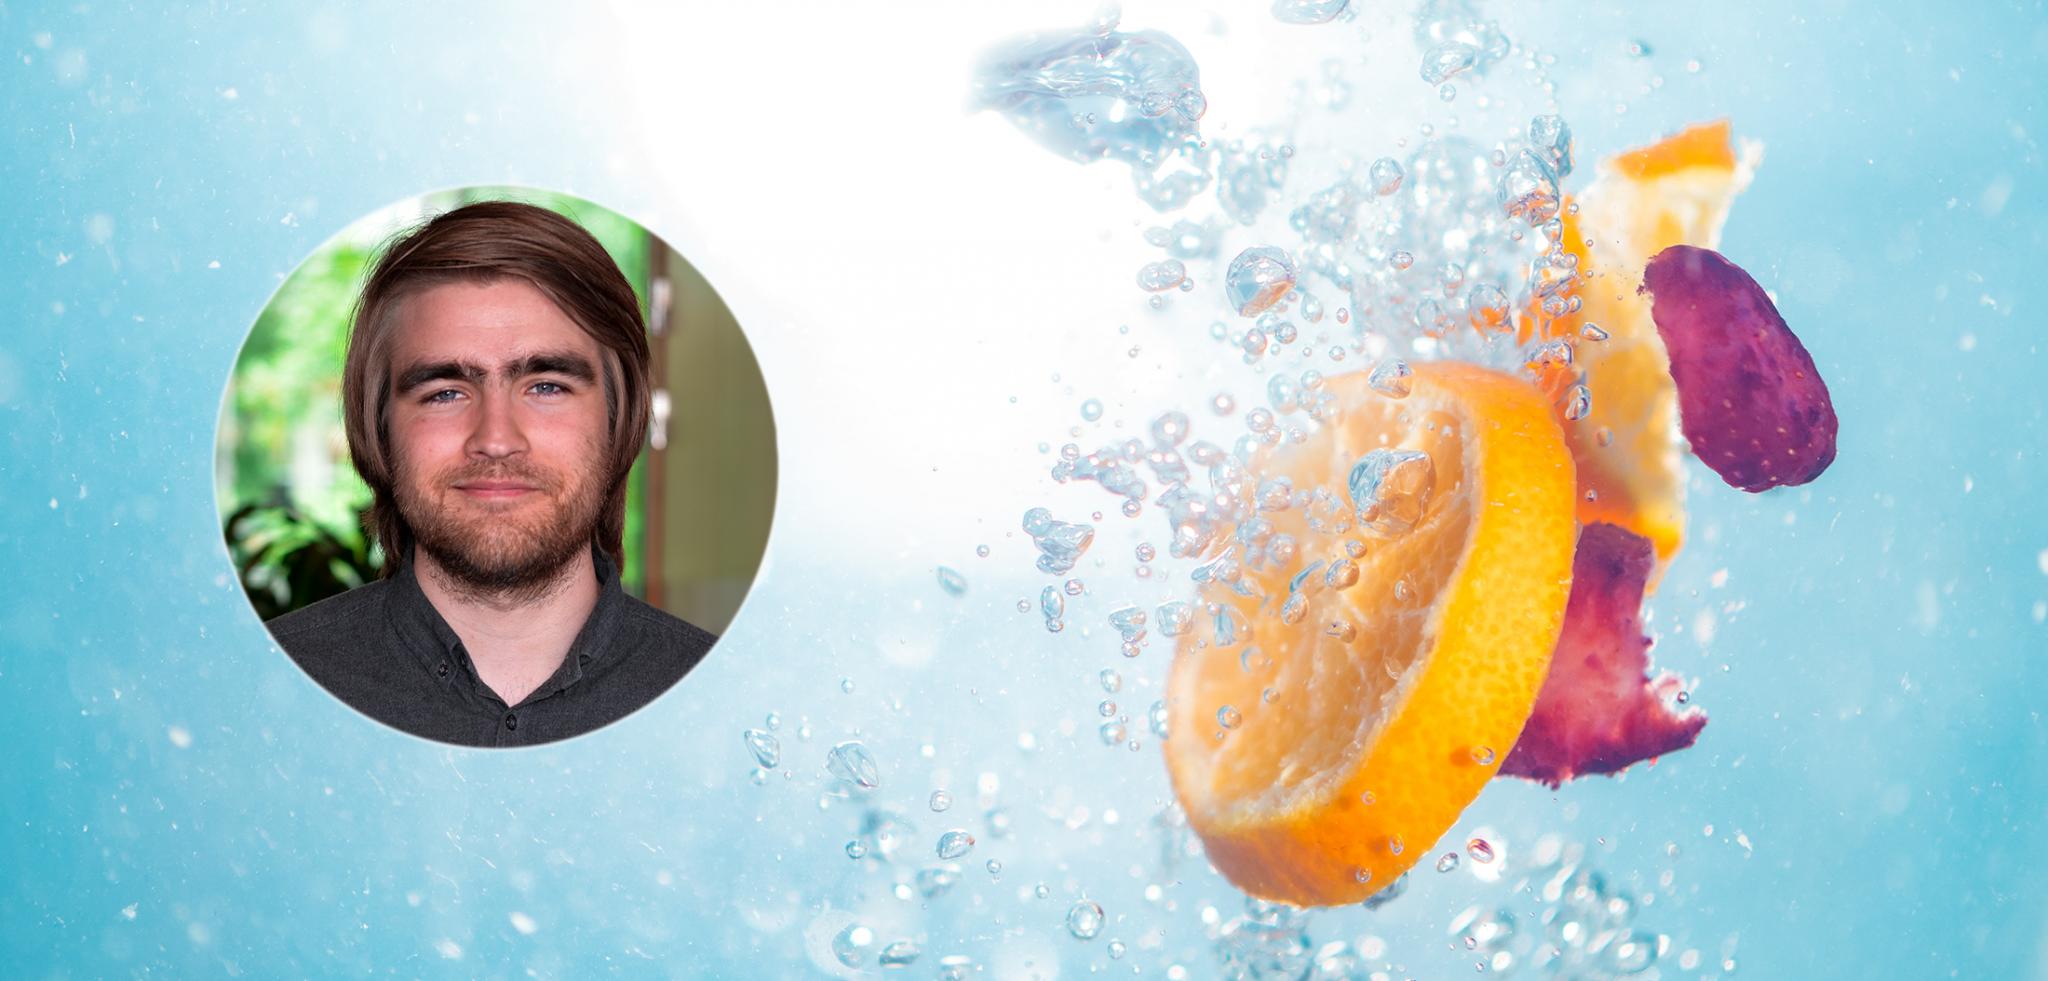 Appelsinskiver og kronblader som slippes i vann sammen med et profilbilde av Xledger ansatt Benjamin Ravnå.